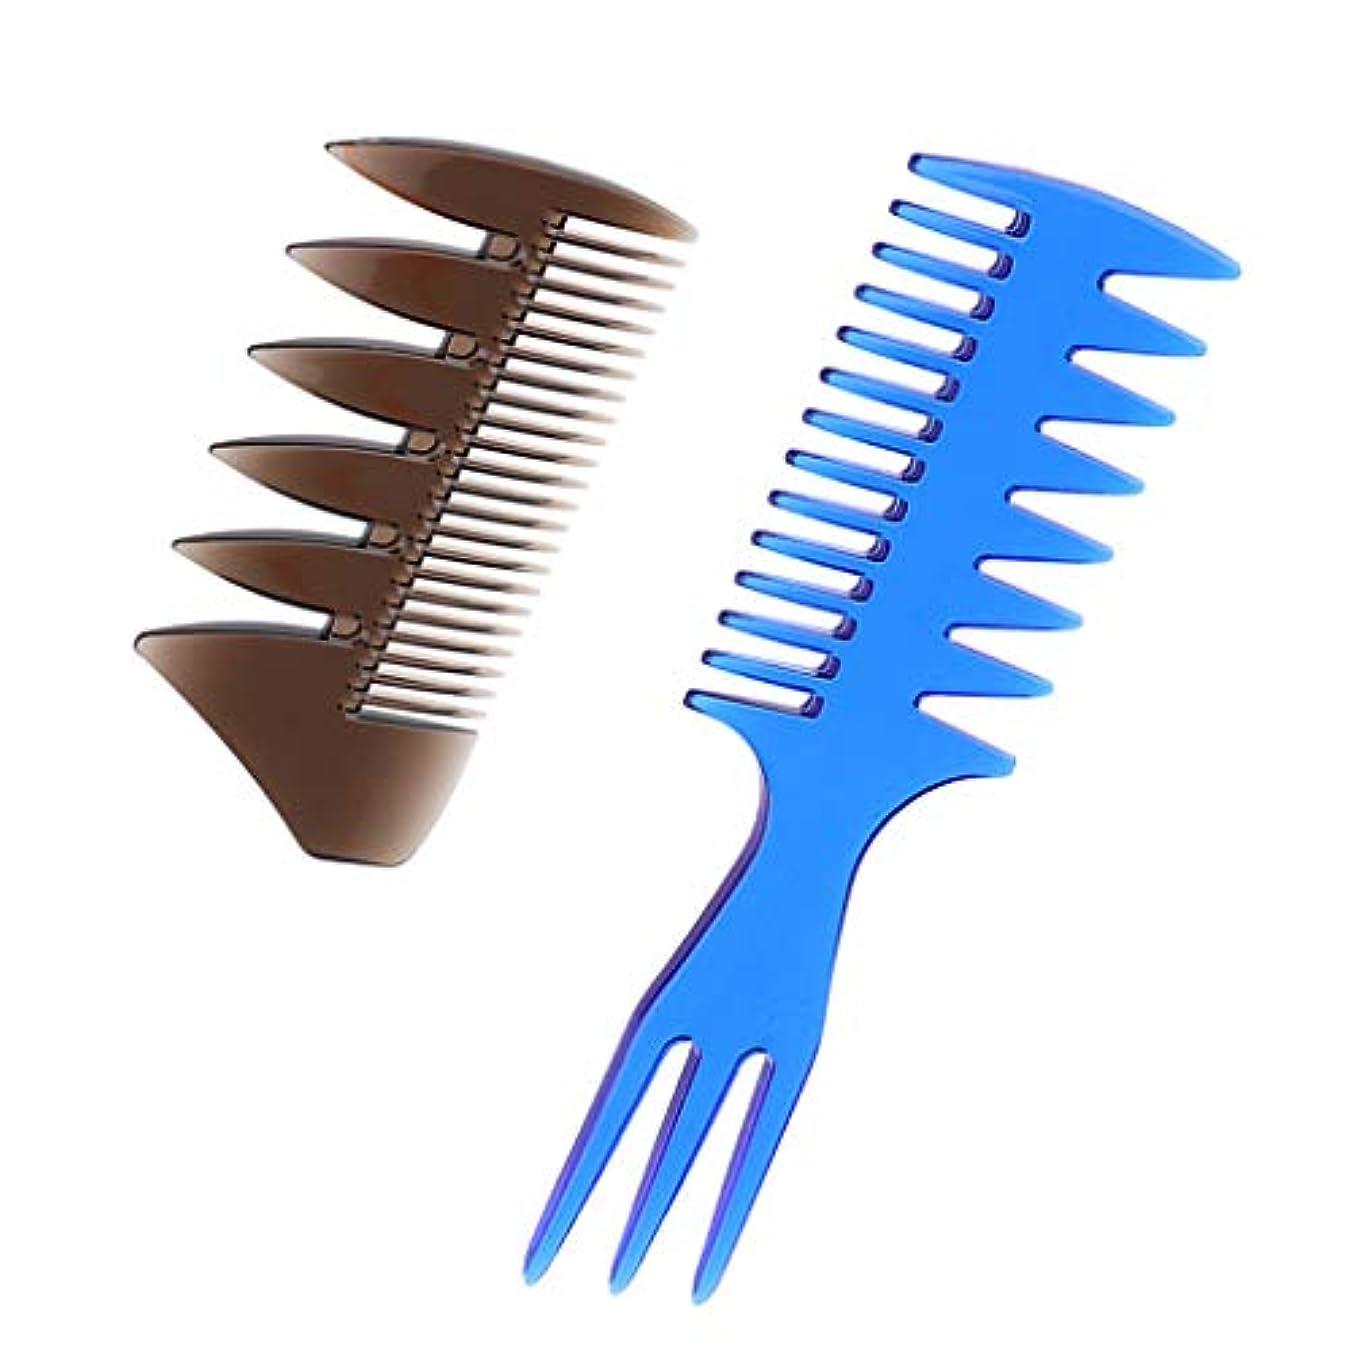 で自分ビヨン2本 広い歯櫛 コーム 3-in-1櫛 2-in-1櫛 多目的 ヘアサロン 美容師